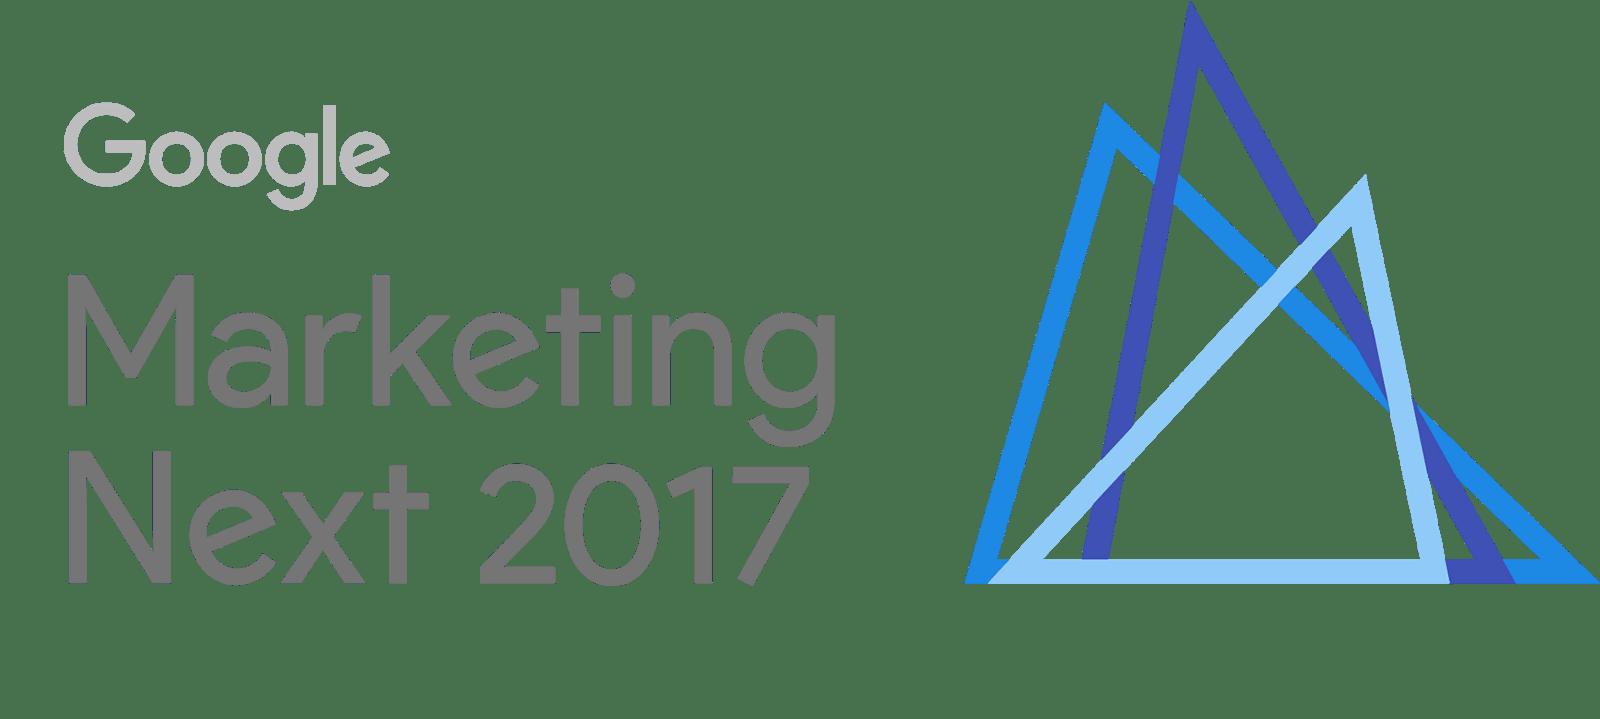 Google Marketing Next 2017 : Les 12 nouveautés incontournables